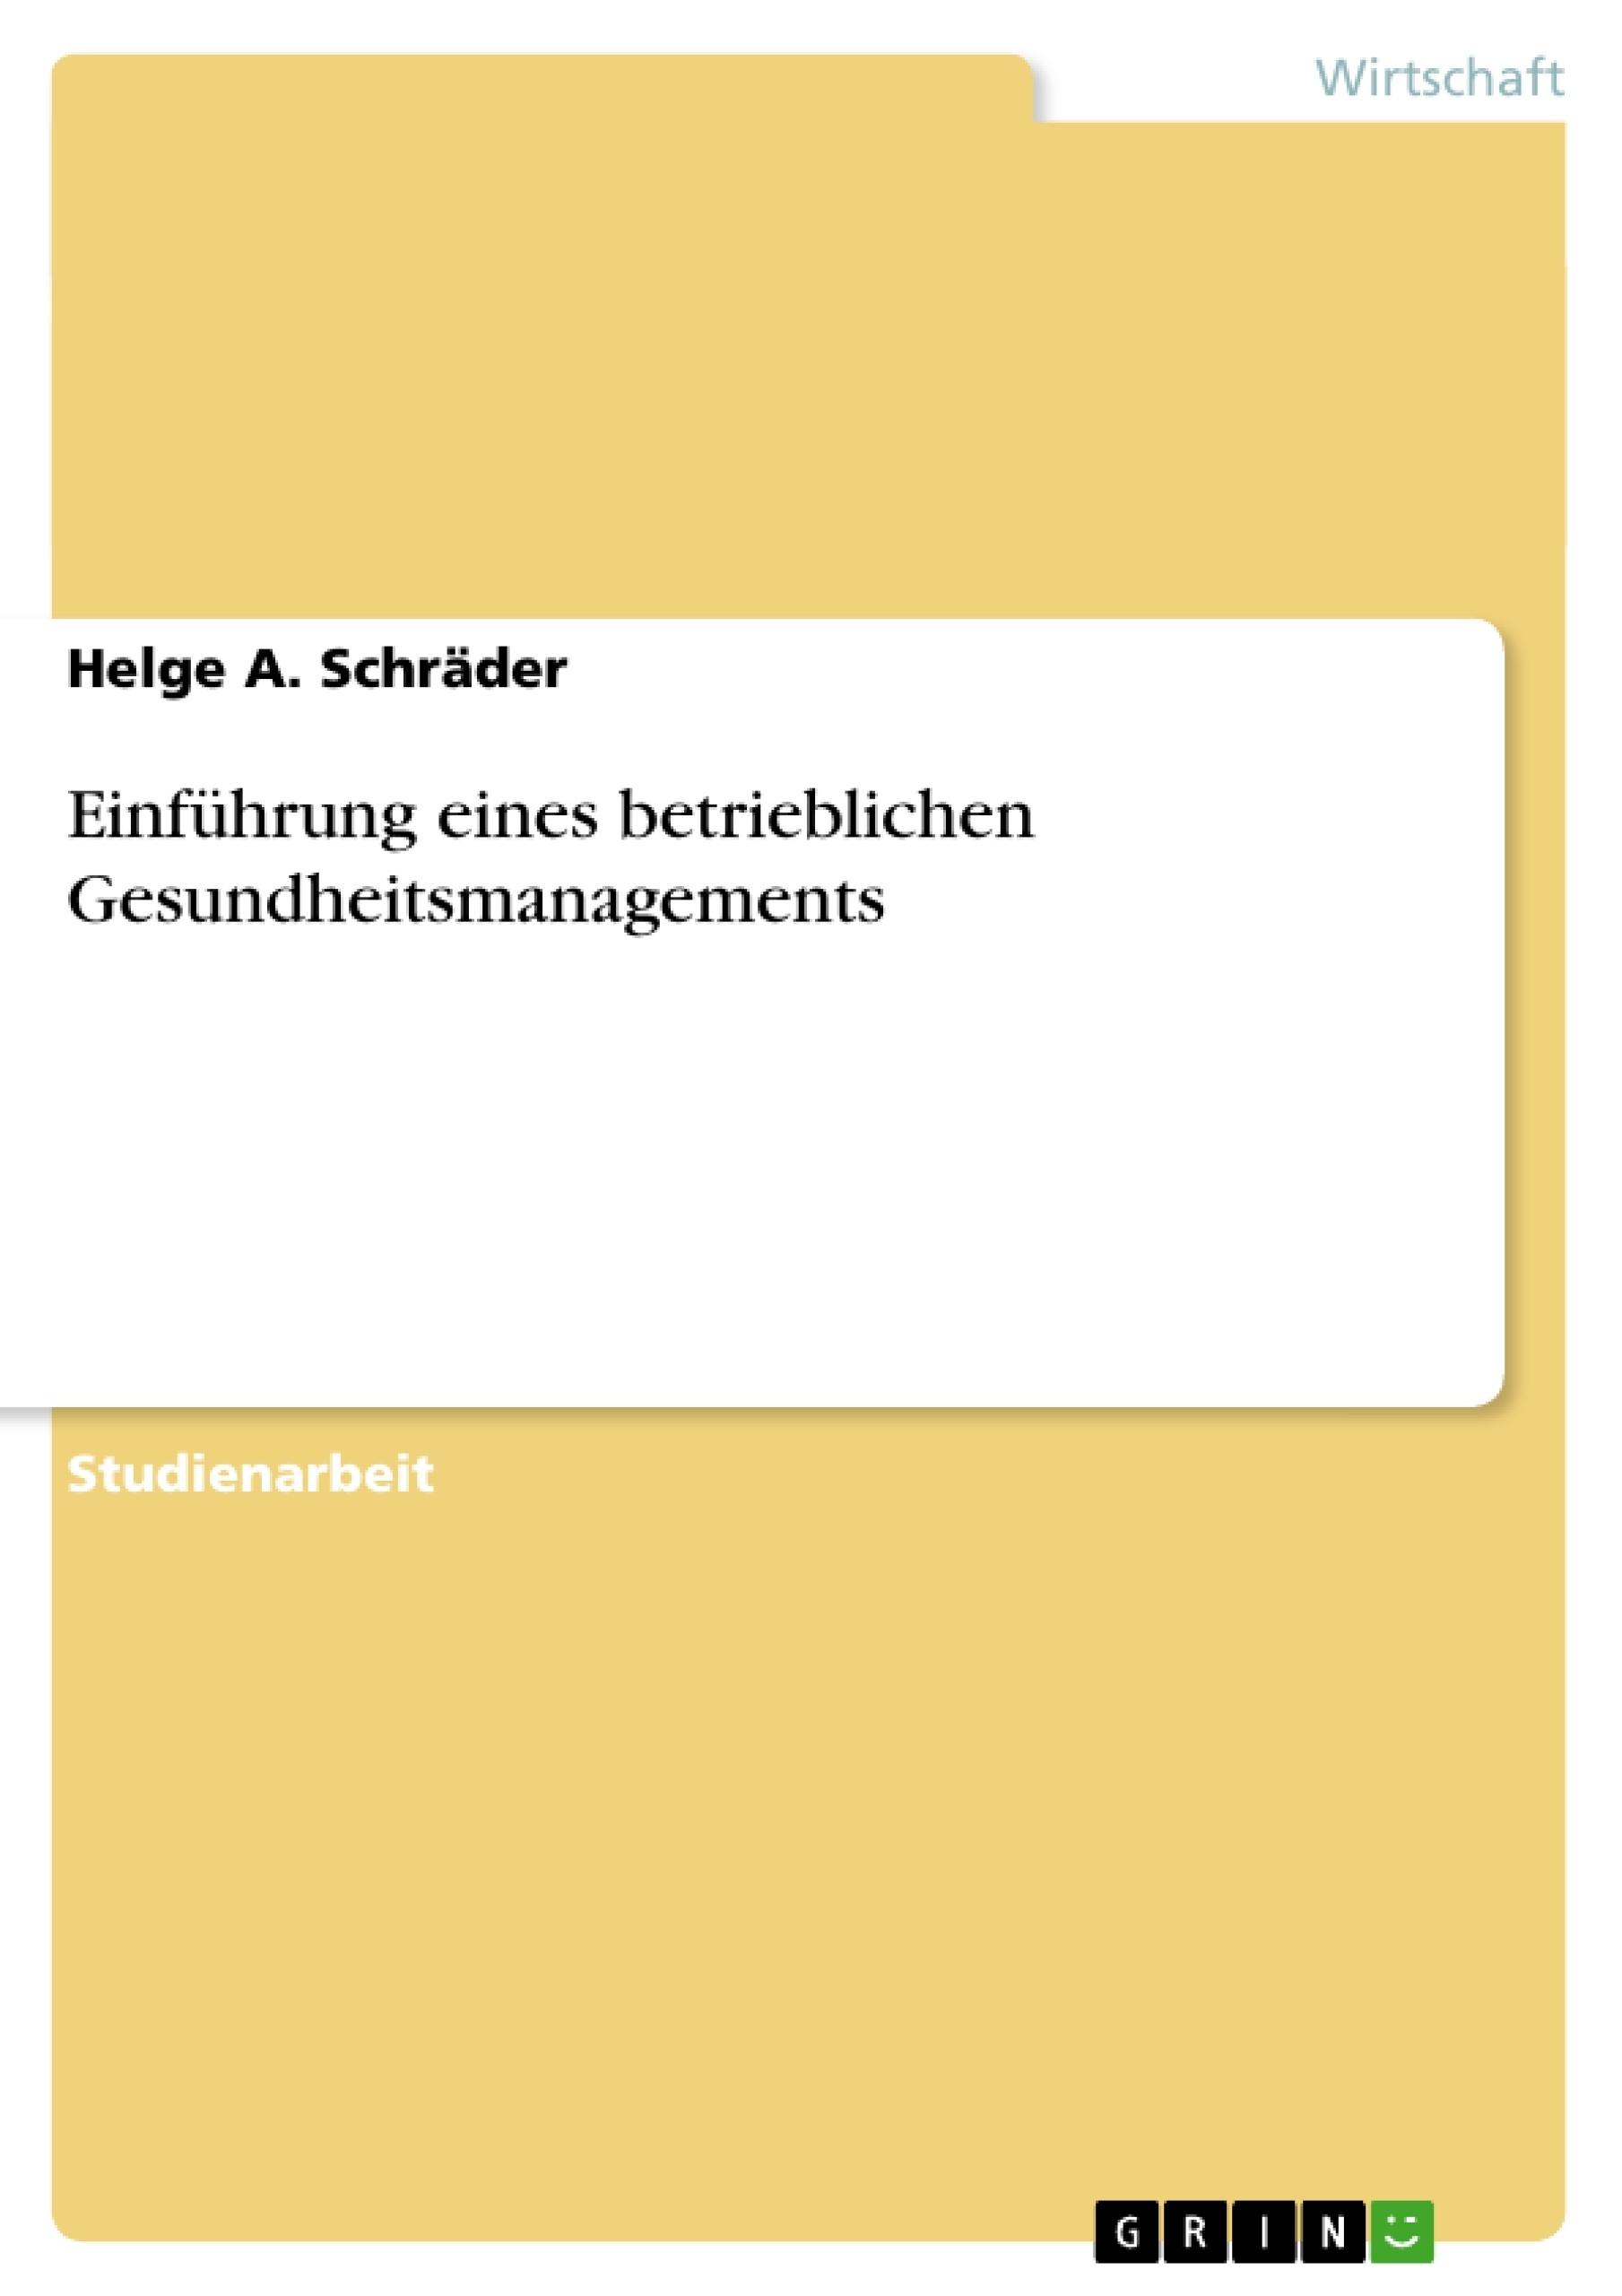 Titel: Einführung eines betrieblichen Gesundheitsmanagements